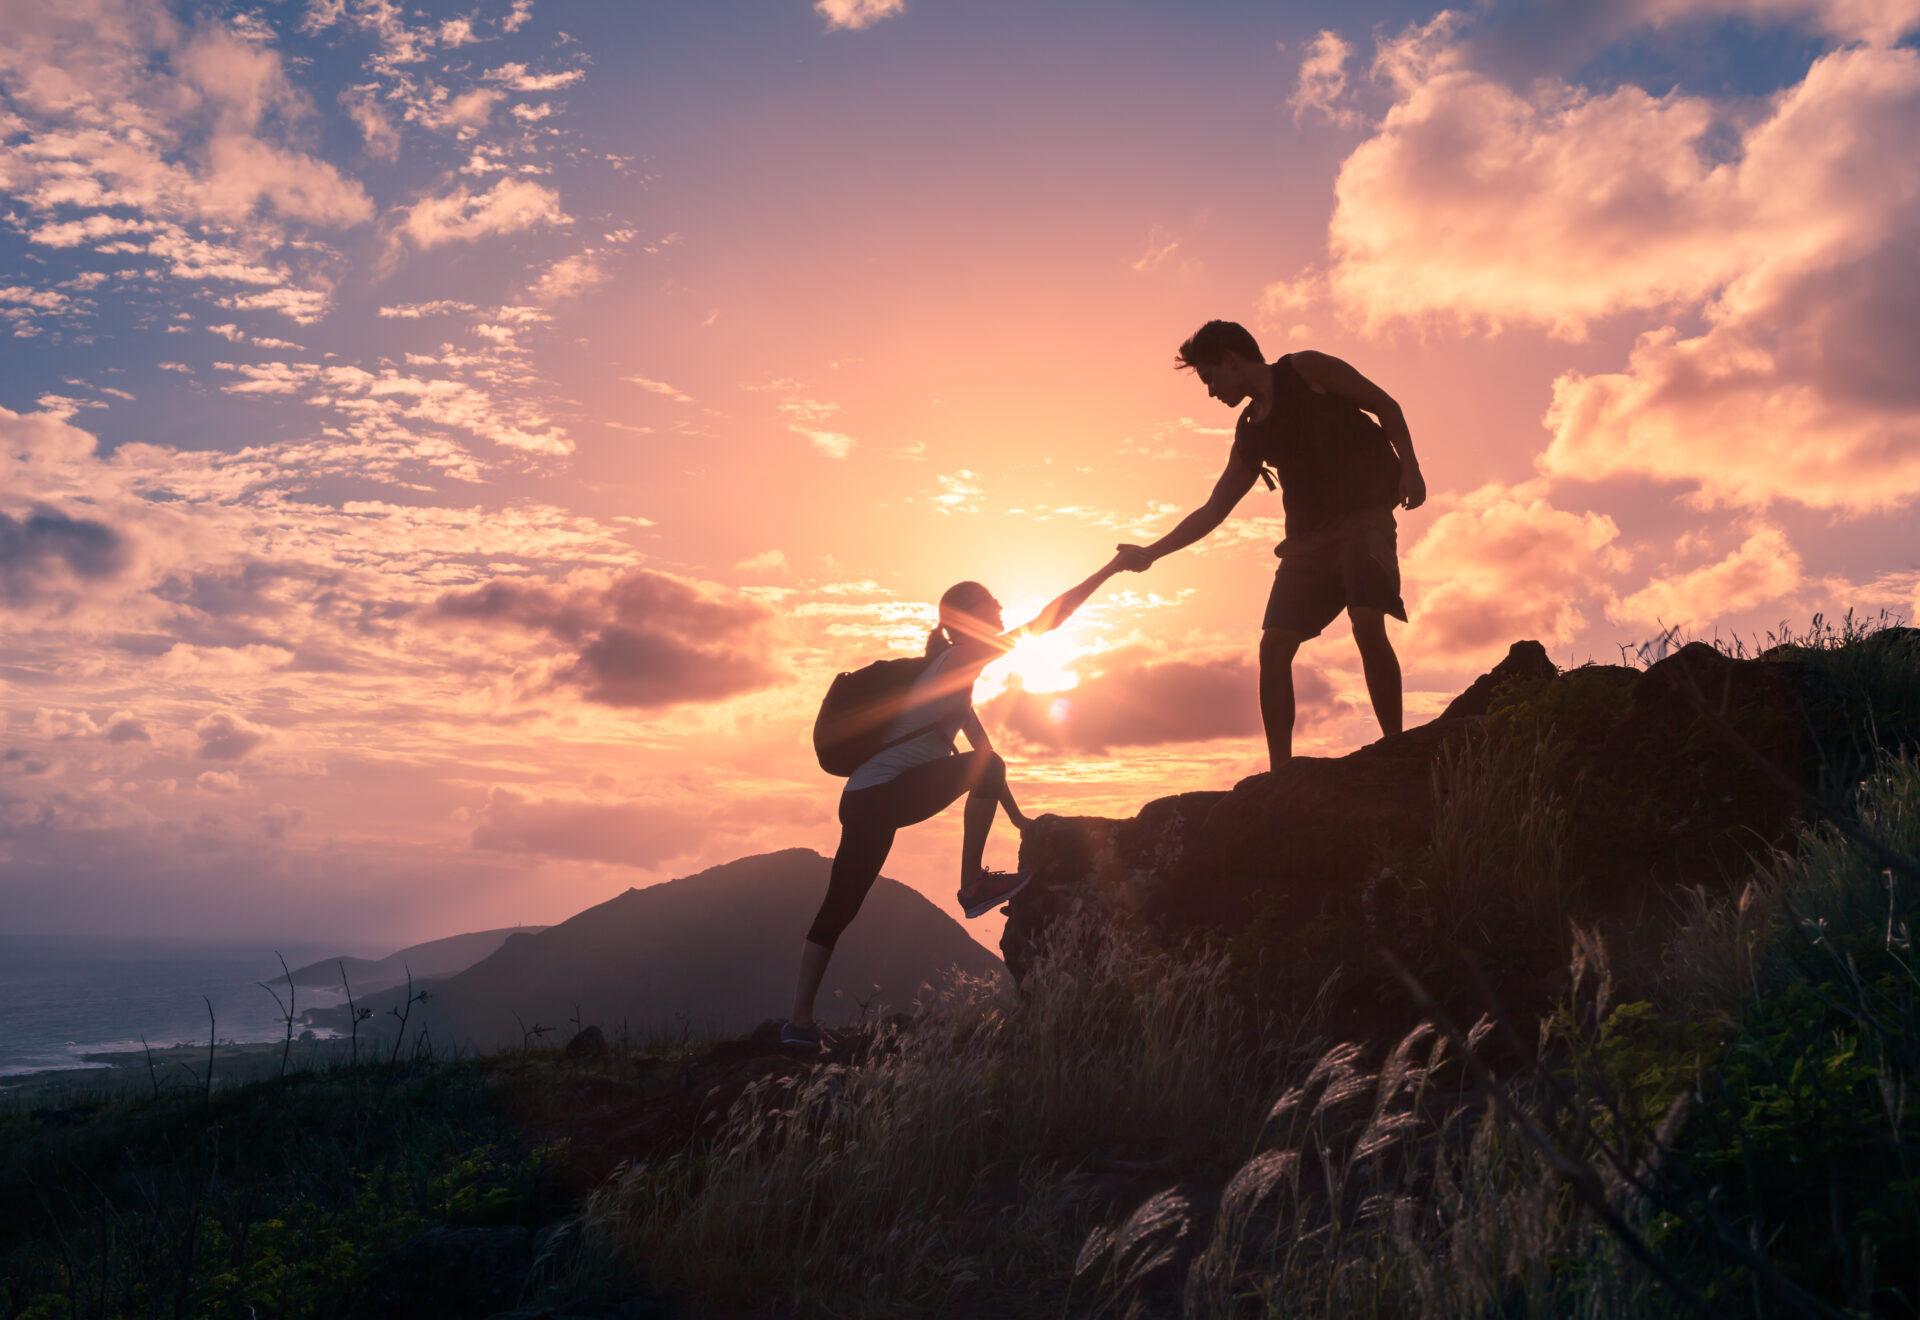 Missie - Mens en organisatie grip op de toekomst geven - Cratos Consulting